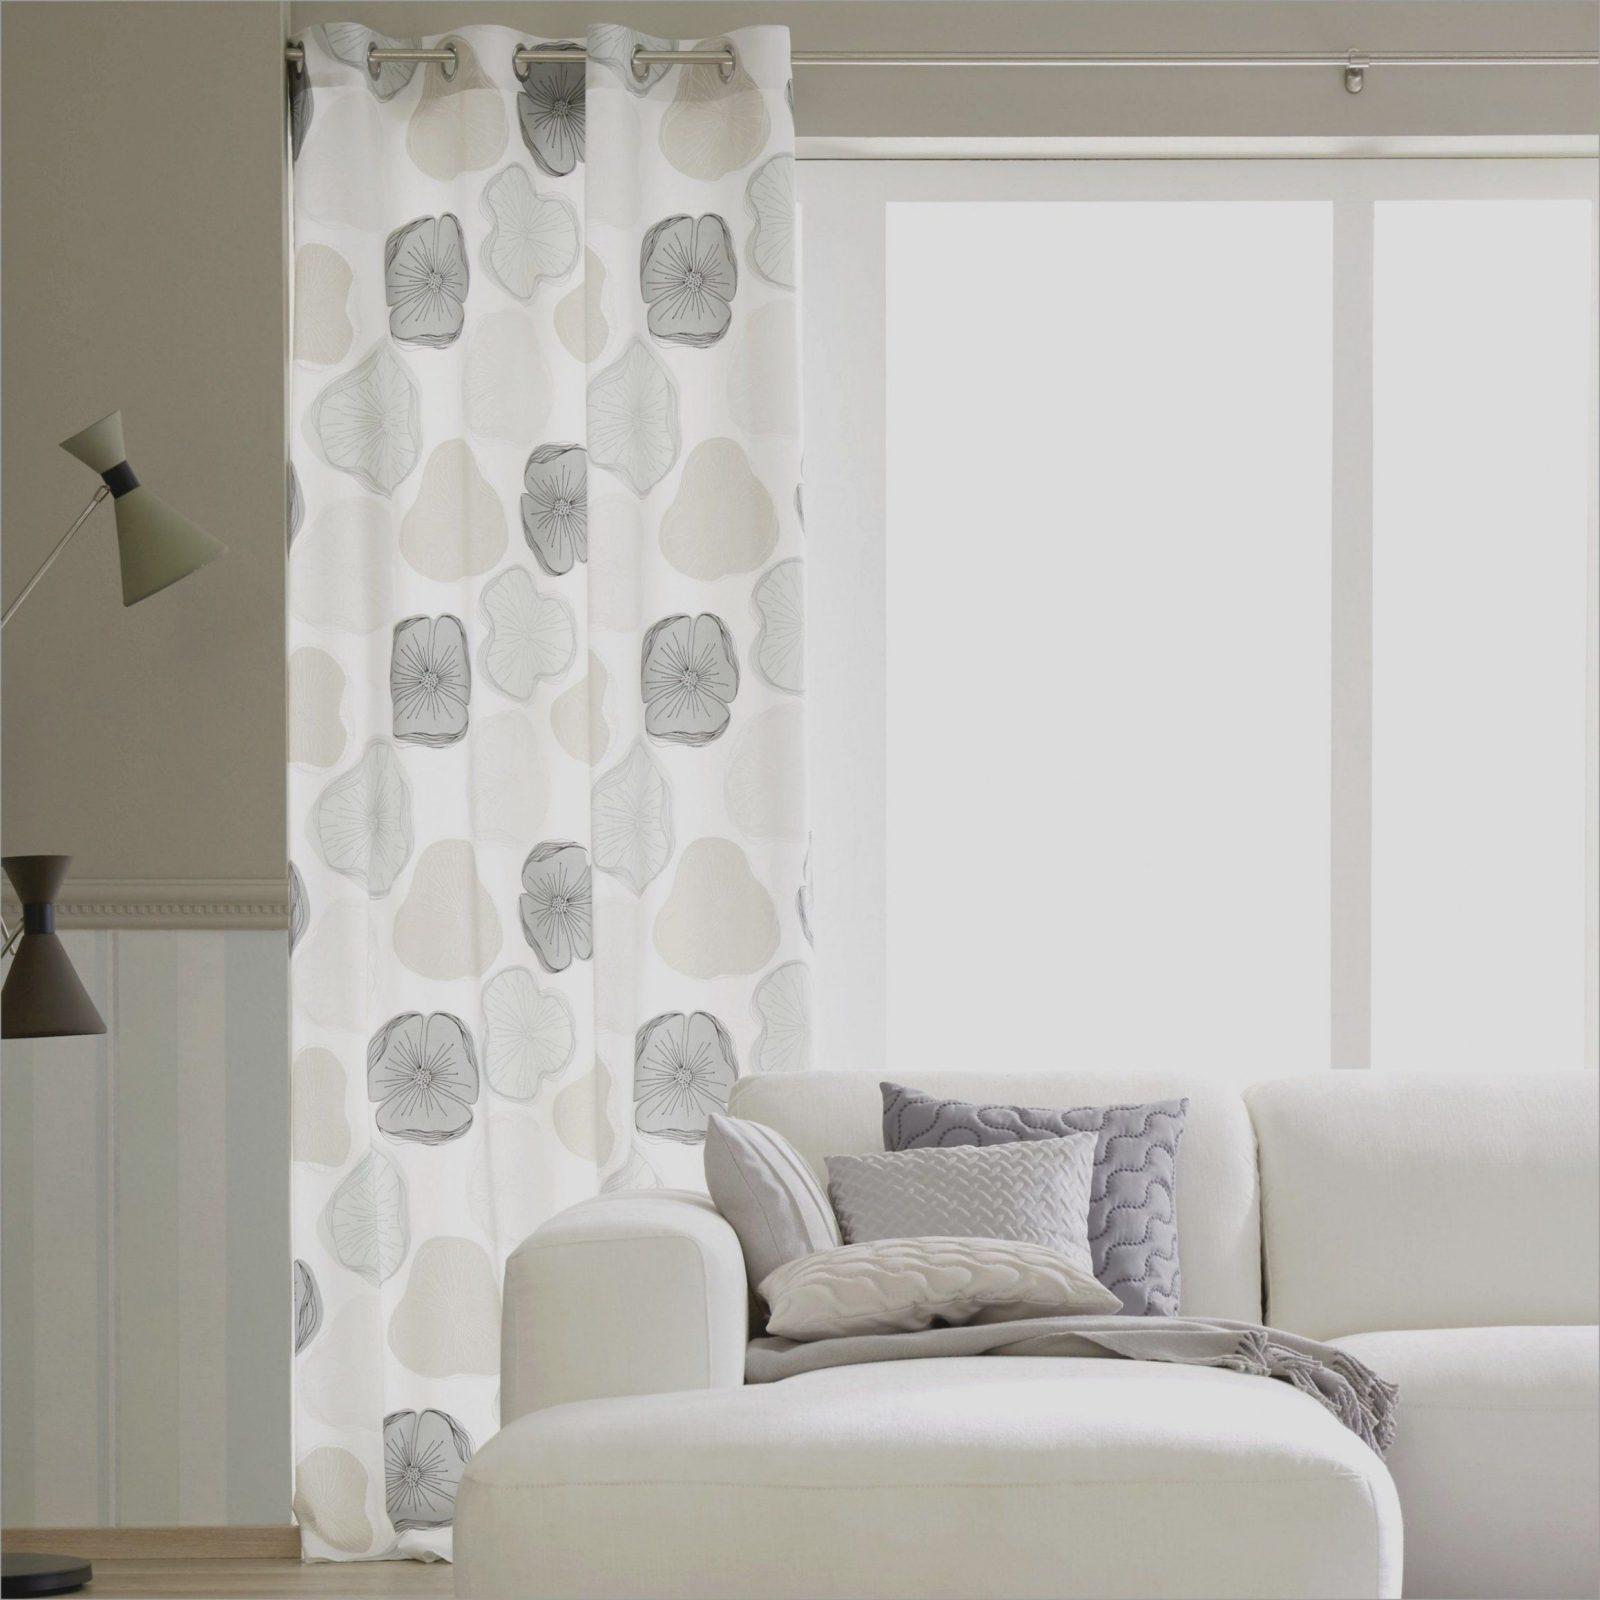 otto gardinen wohnzimmer. Black Bedroom Furniture Sets. Home Design Ideas